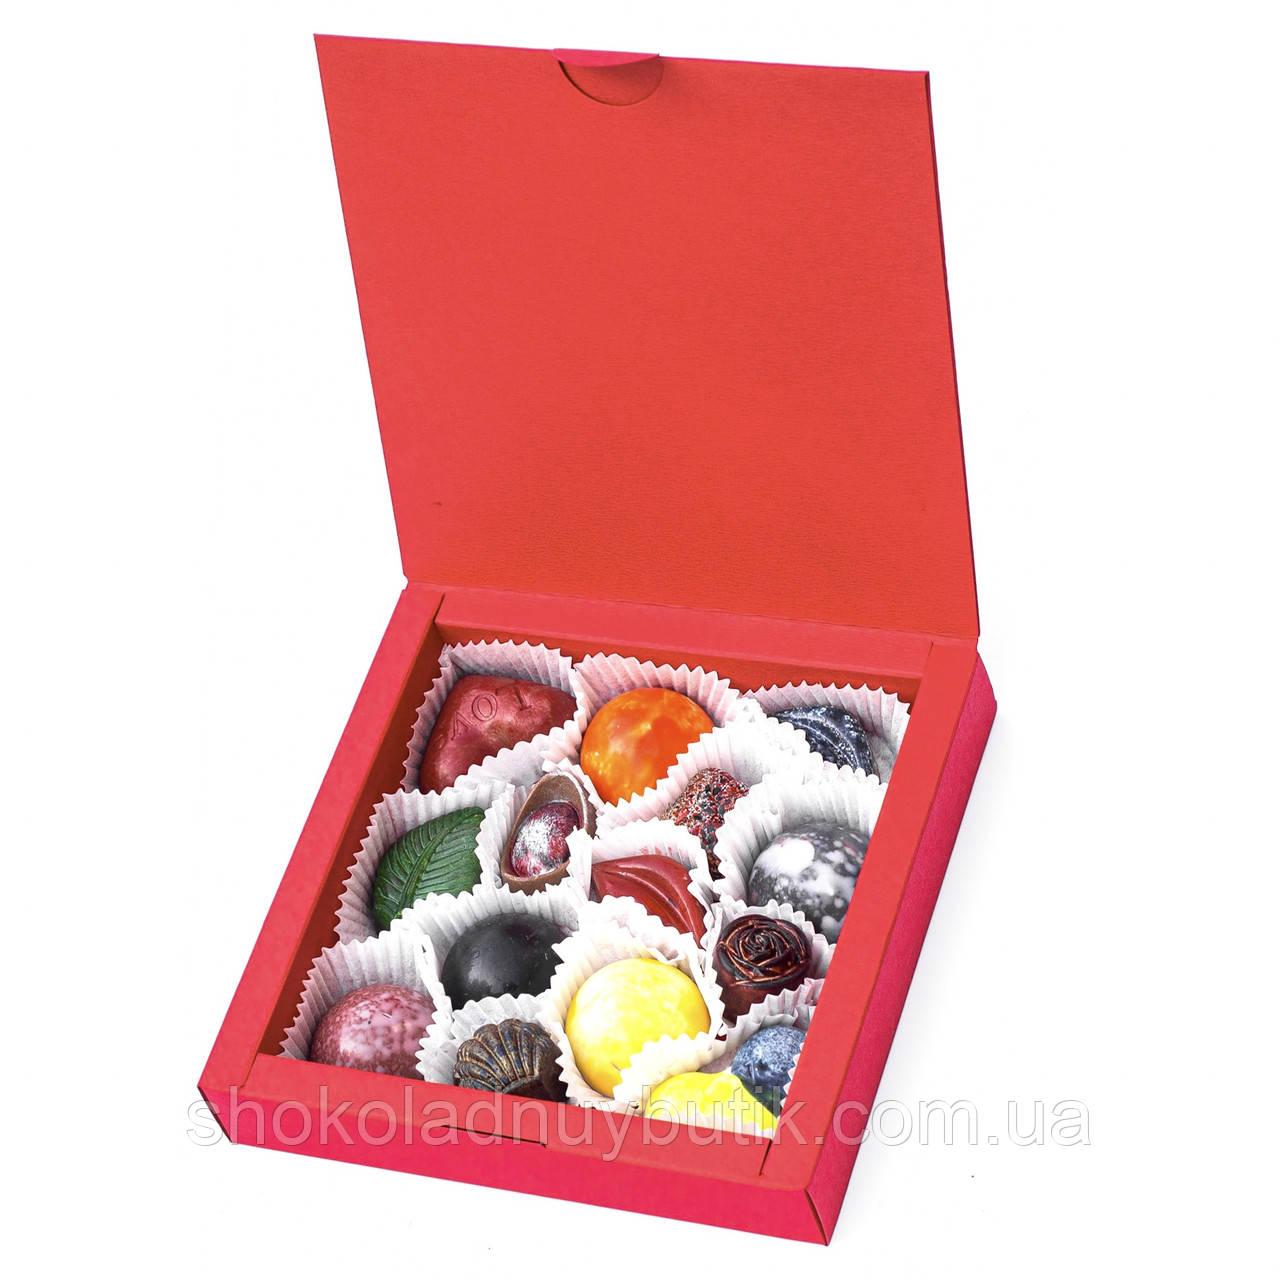 """Коробочка с конфетами ручной роботы """"Красная""""."""